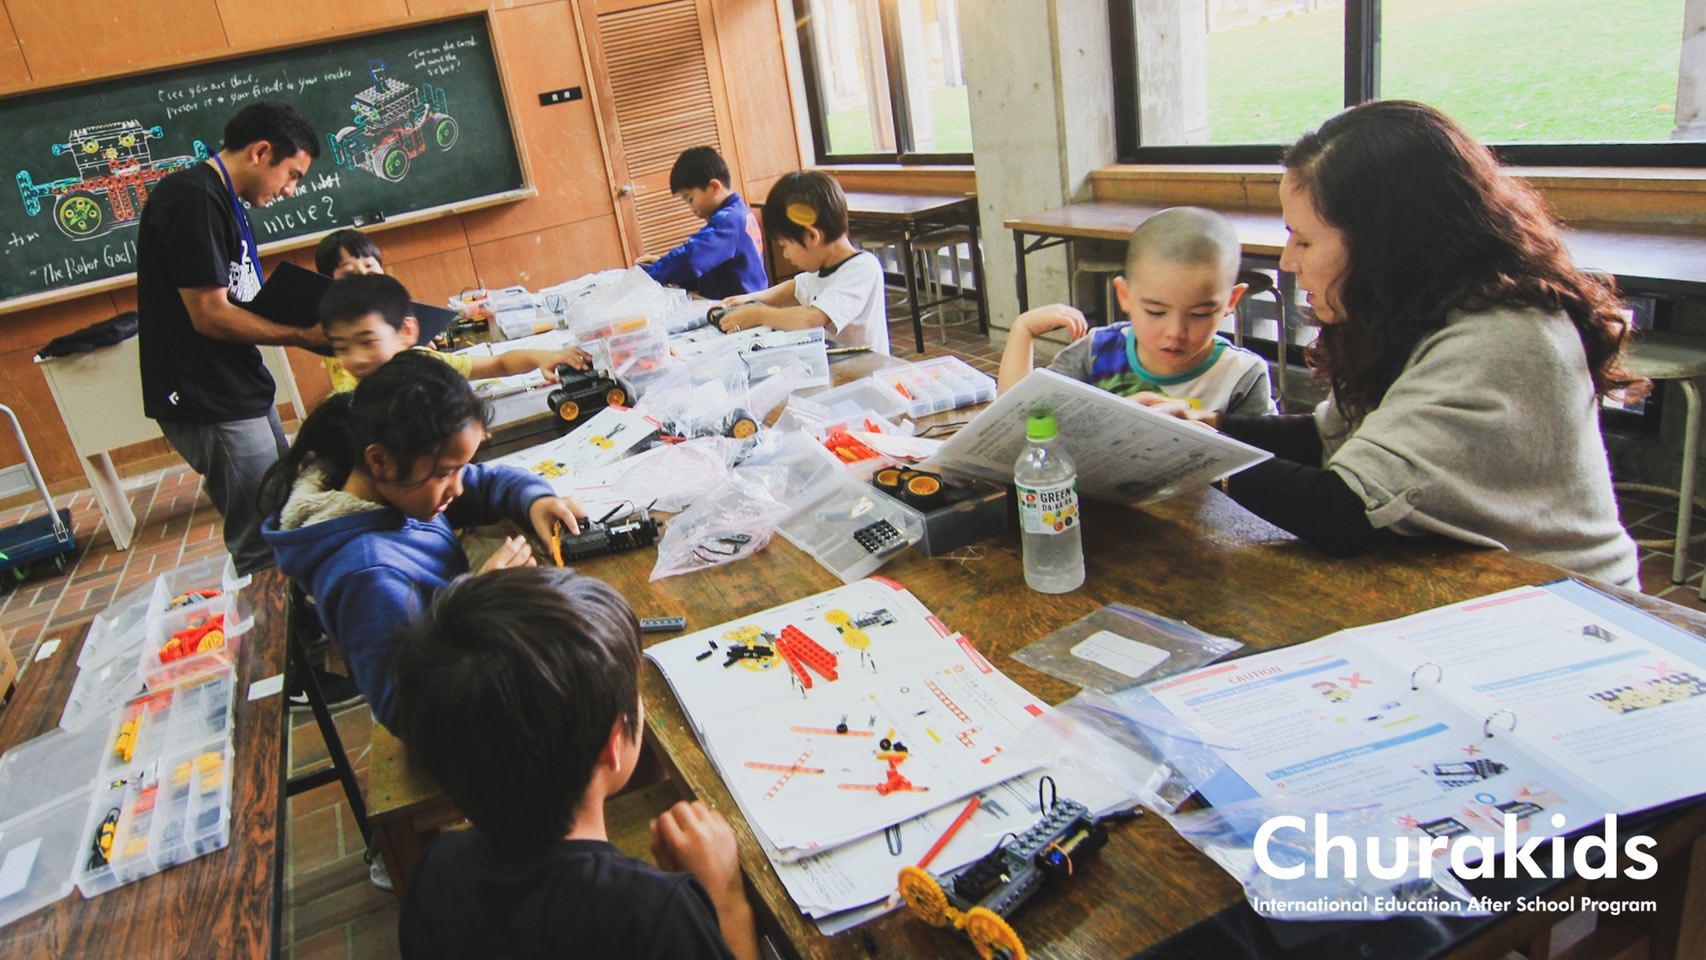 名護市の英会話教室/英語ロボット教室 Churakids